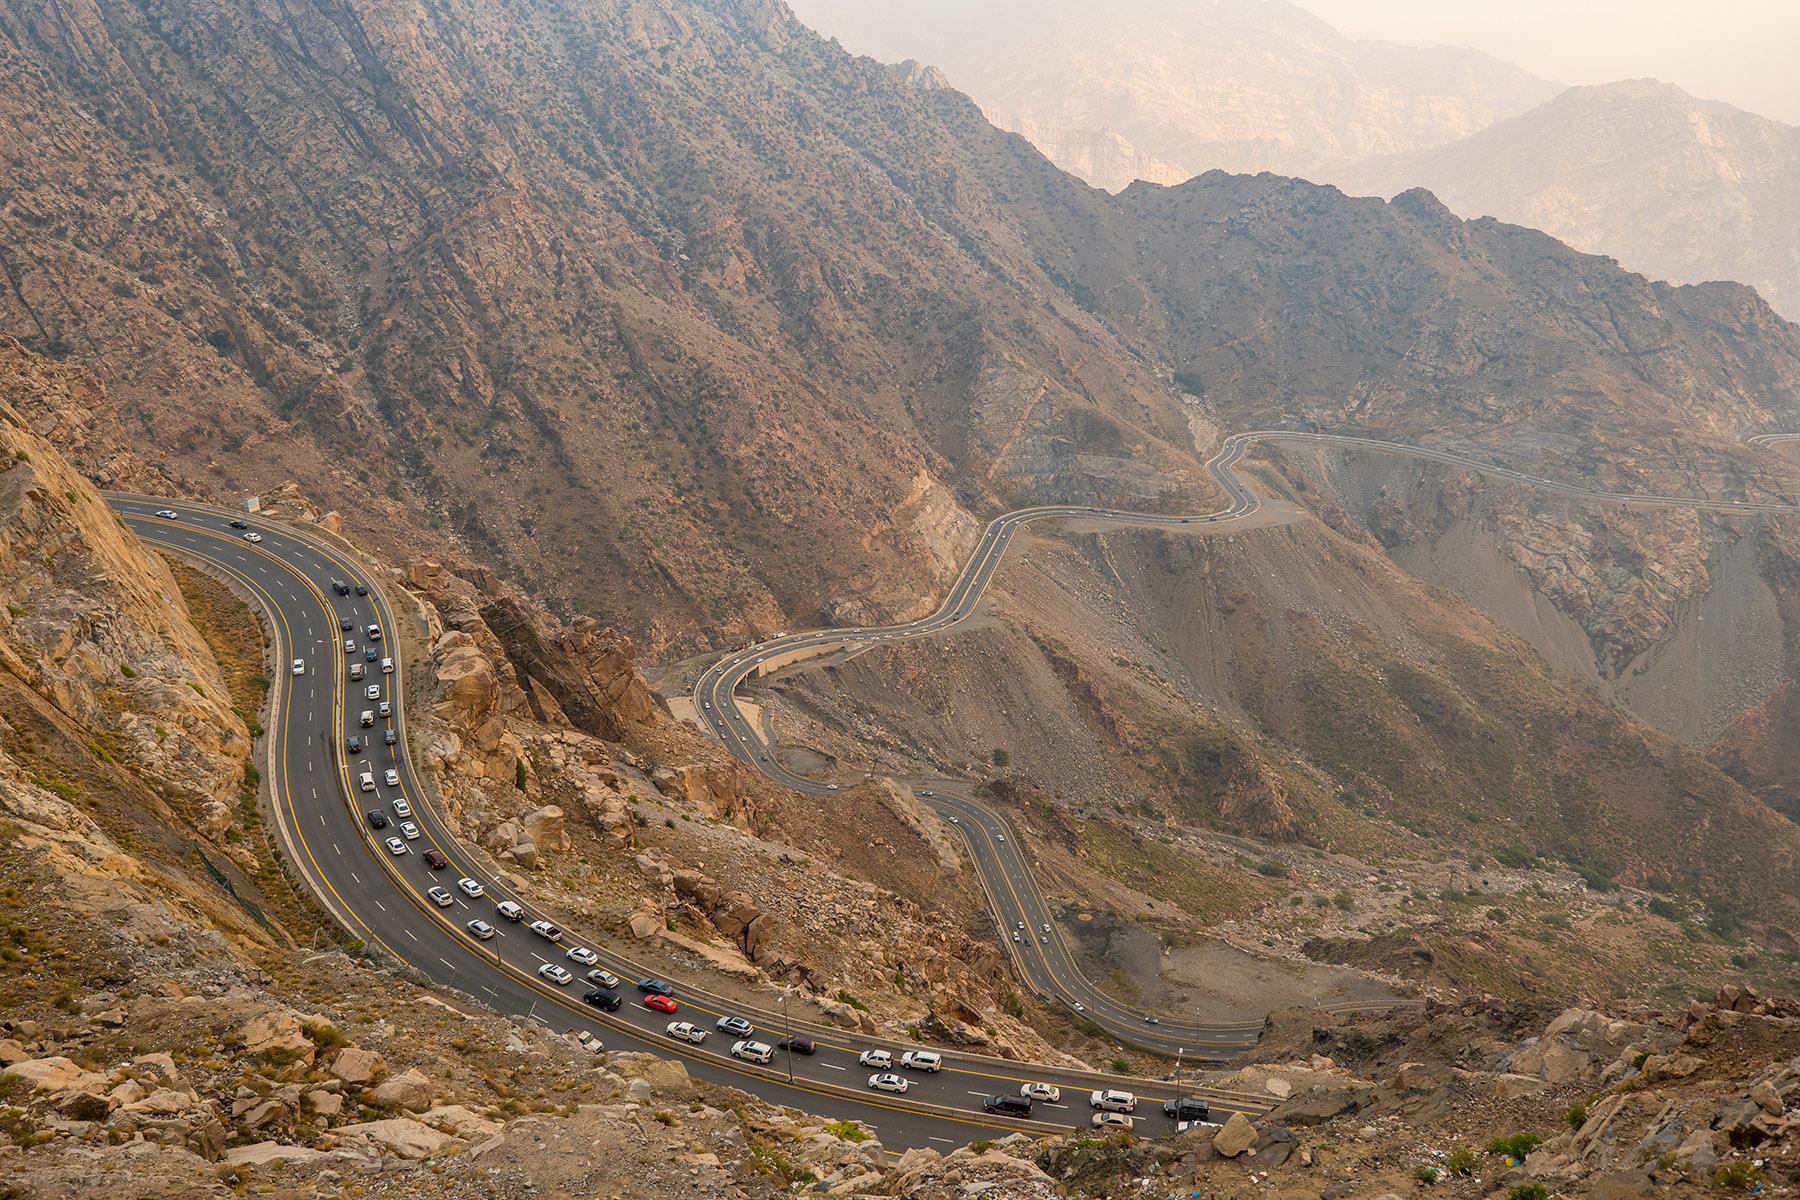 Mountain road in Saudi Arabia